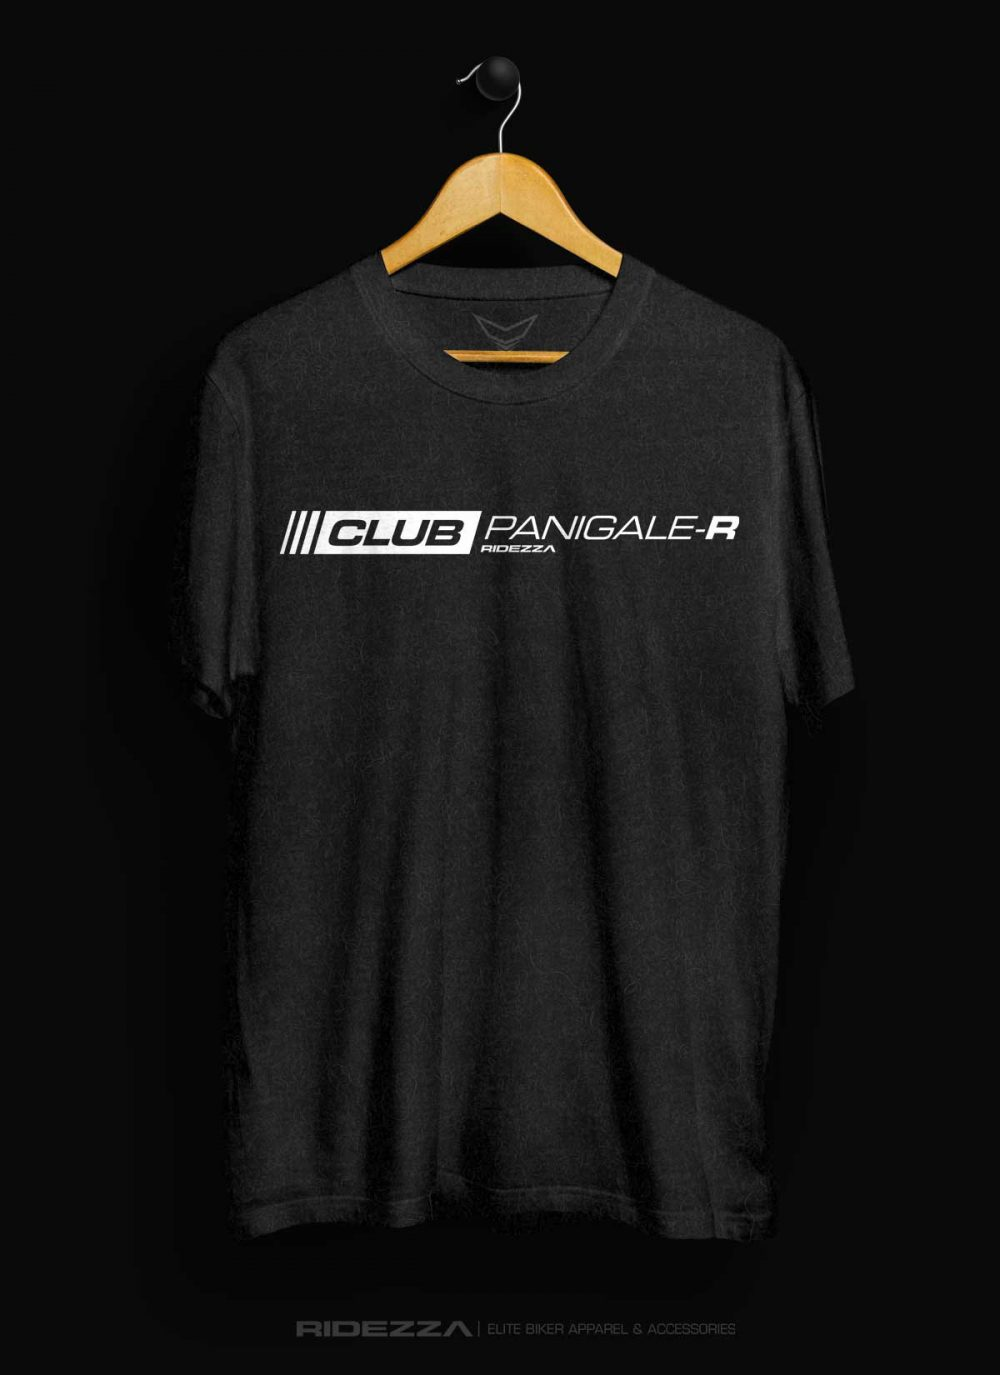 Ducati Panigale R Club T-Shirt